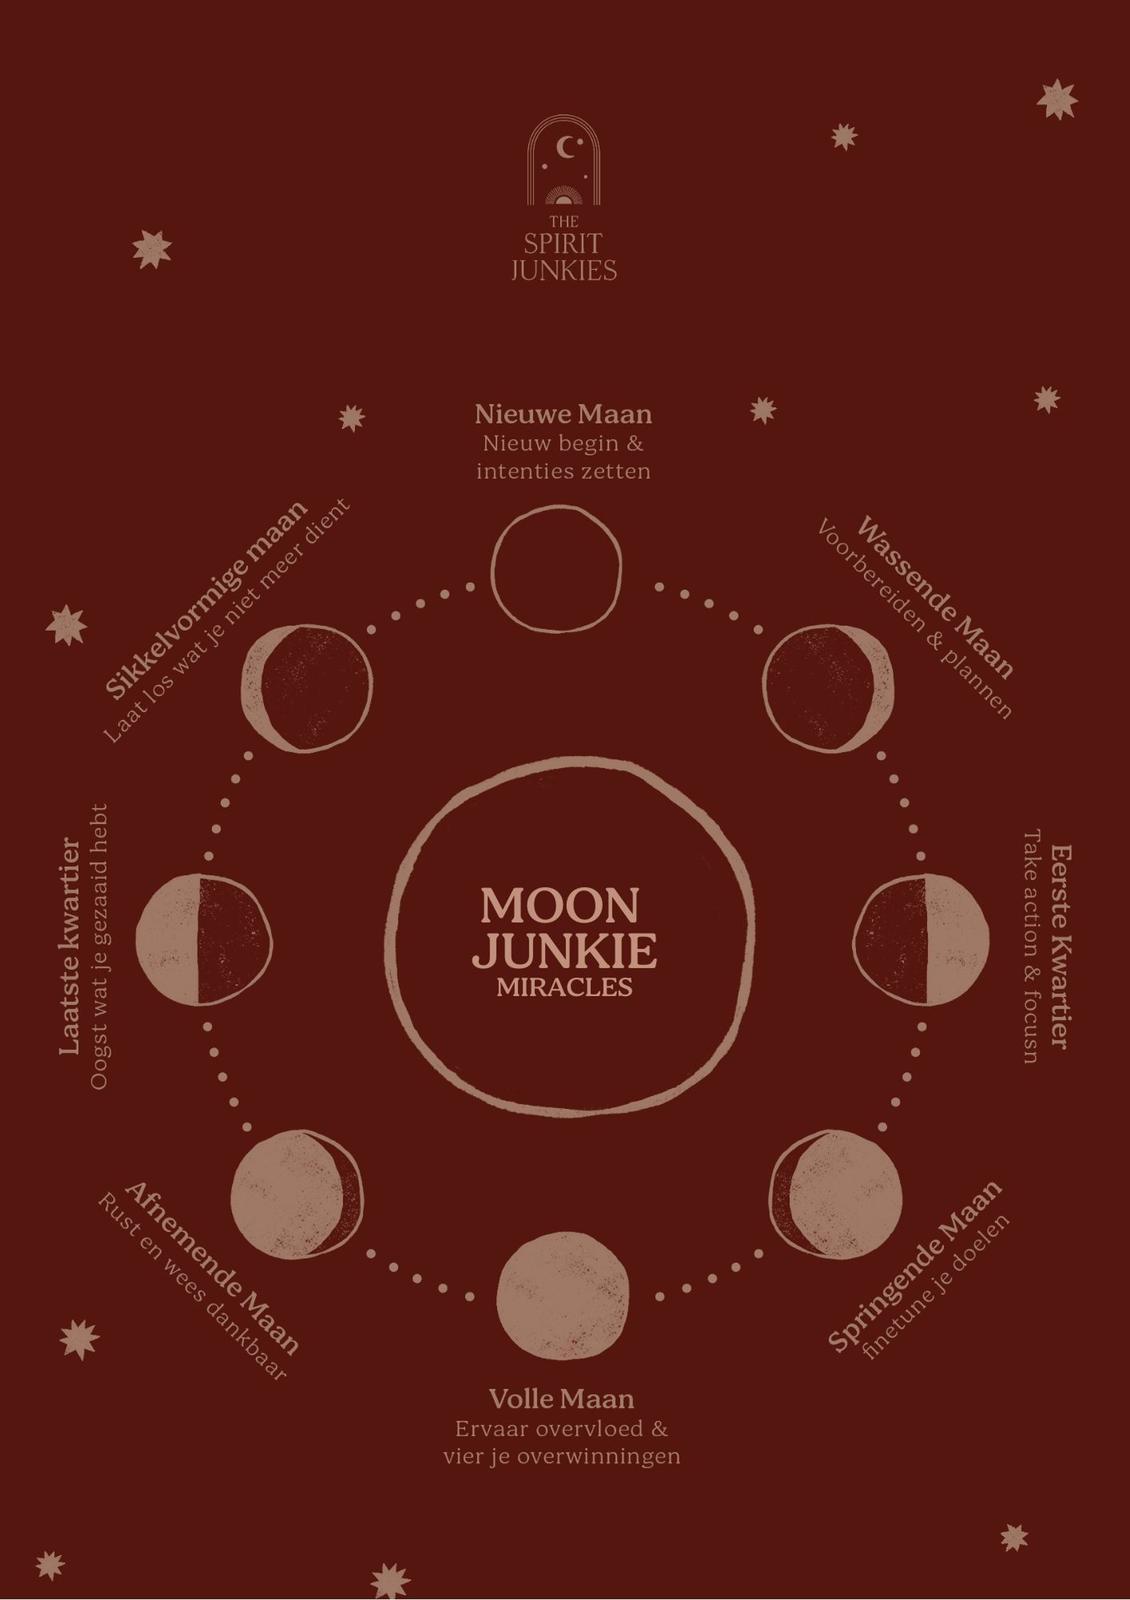 nieuwe maan, vision board, spirit junkies